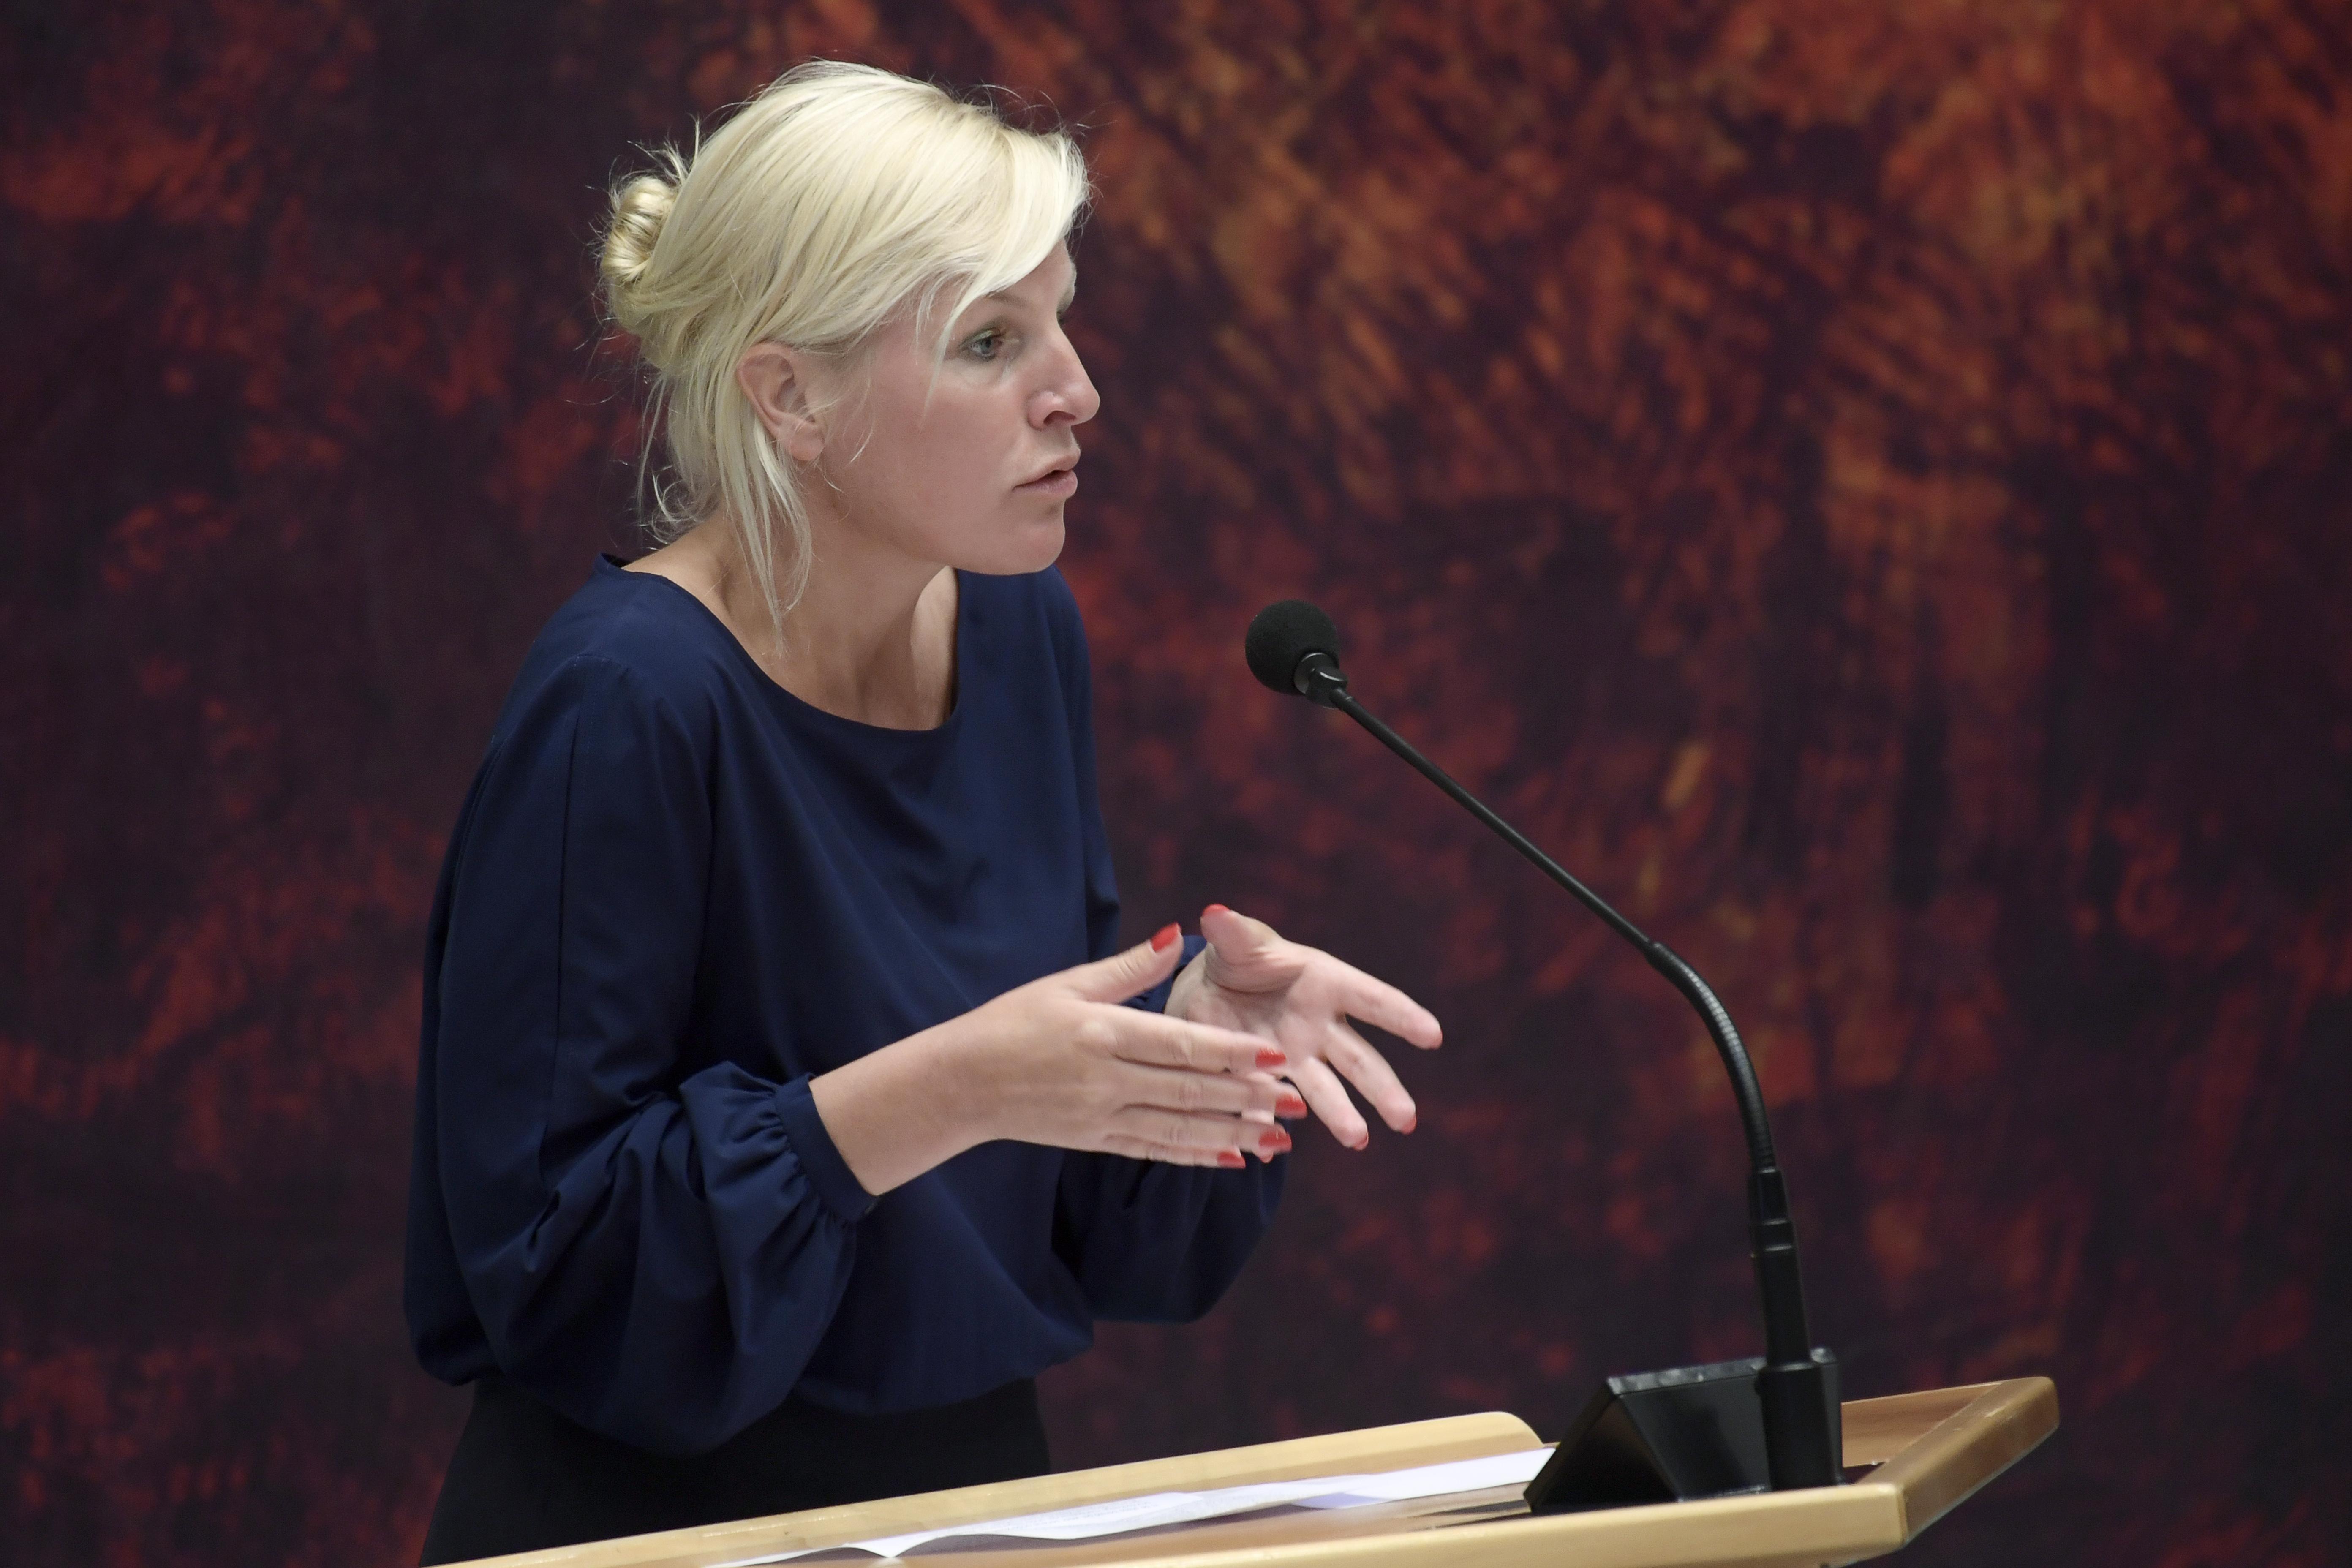 Politiek wil aanpak misstanden in de turnsport. 'Bond moet zichzelf spiegel voorhouden'